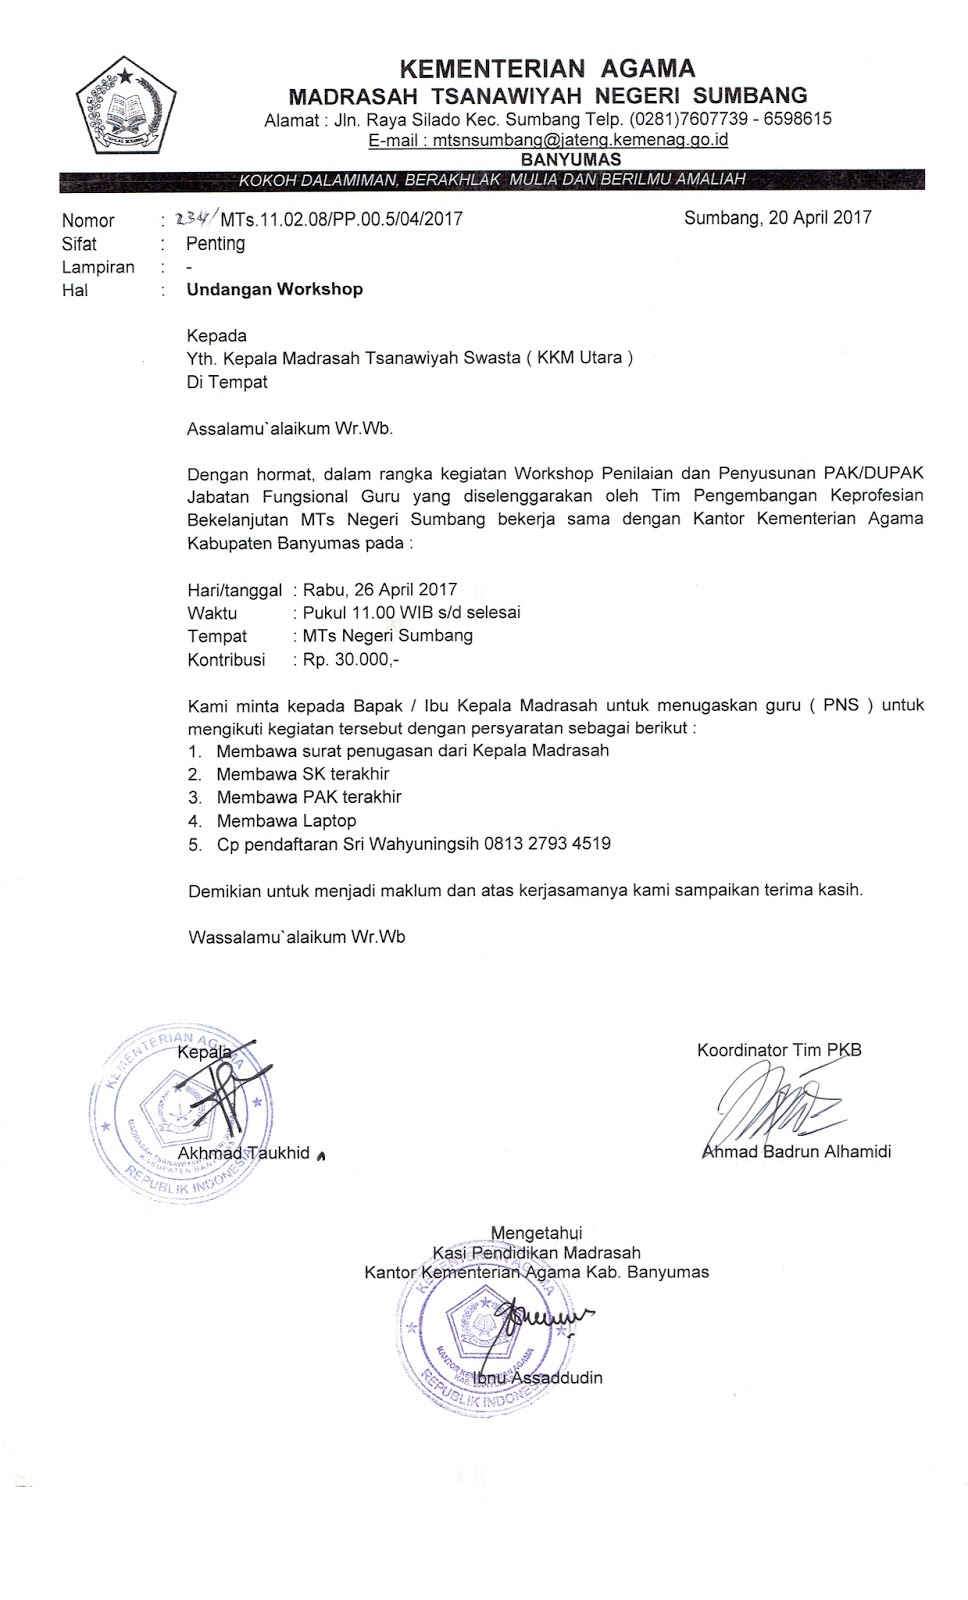 Pendidikan Madrasah Undangan Workshop Penilaian Dan Penyusunan Pak Dupak Jabatan Fungsional Guru Kkm Utara Mts